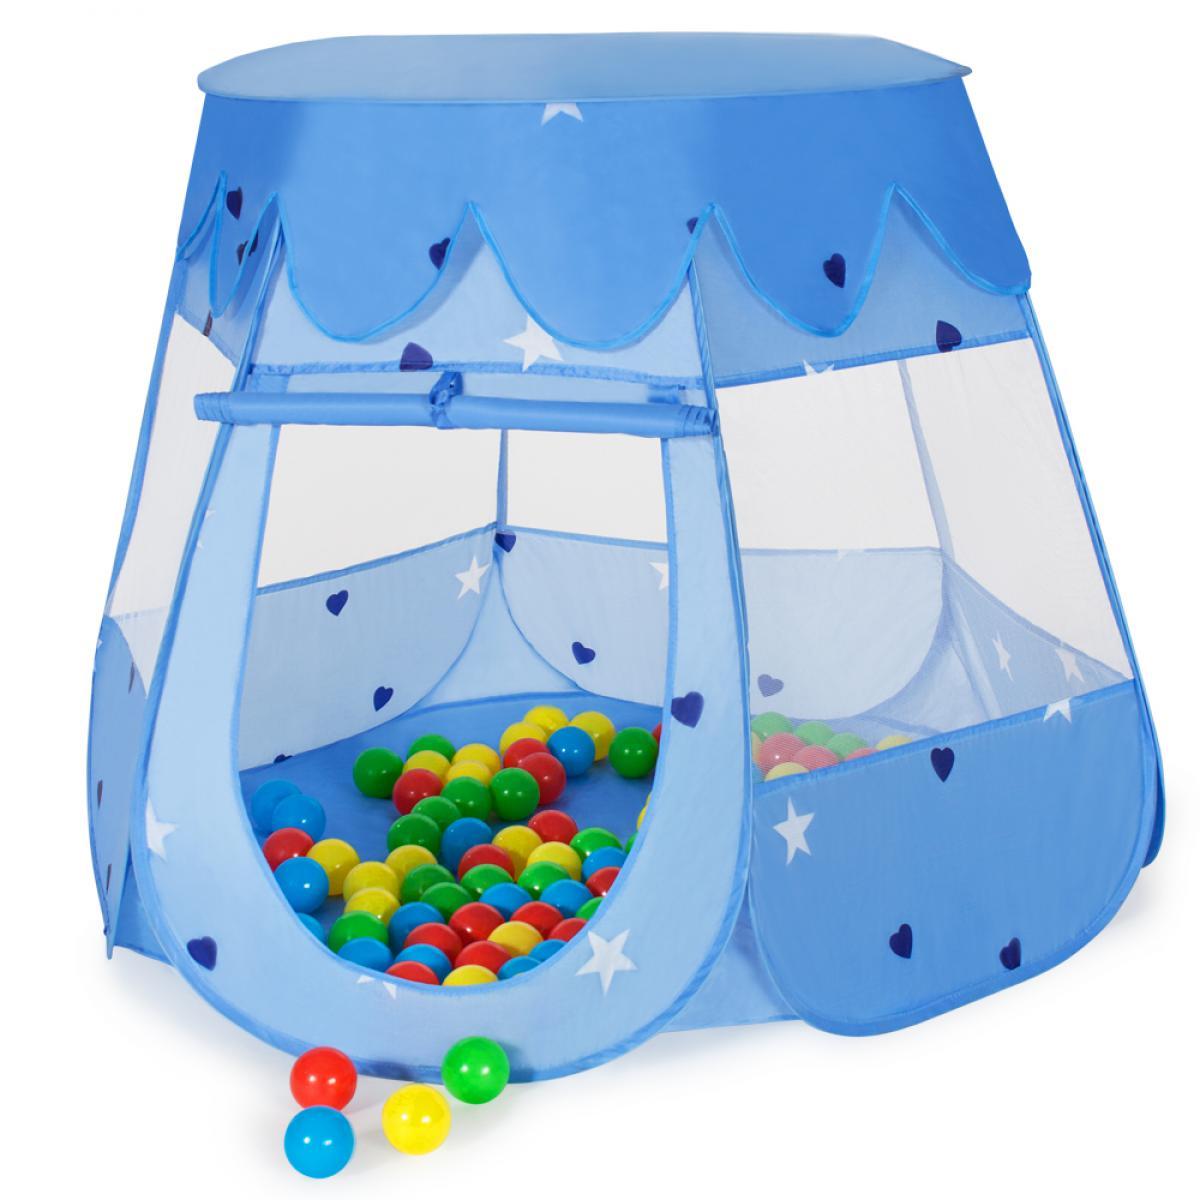 Tectake Tente enfant, à balles + 100 Balles + Sac de transport - bleu